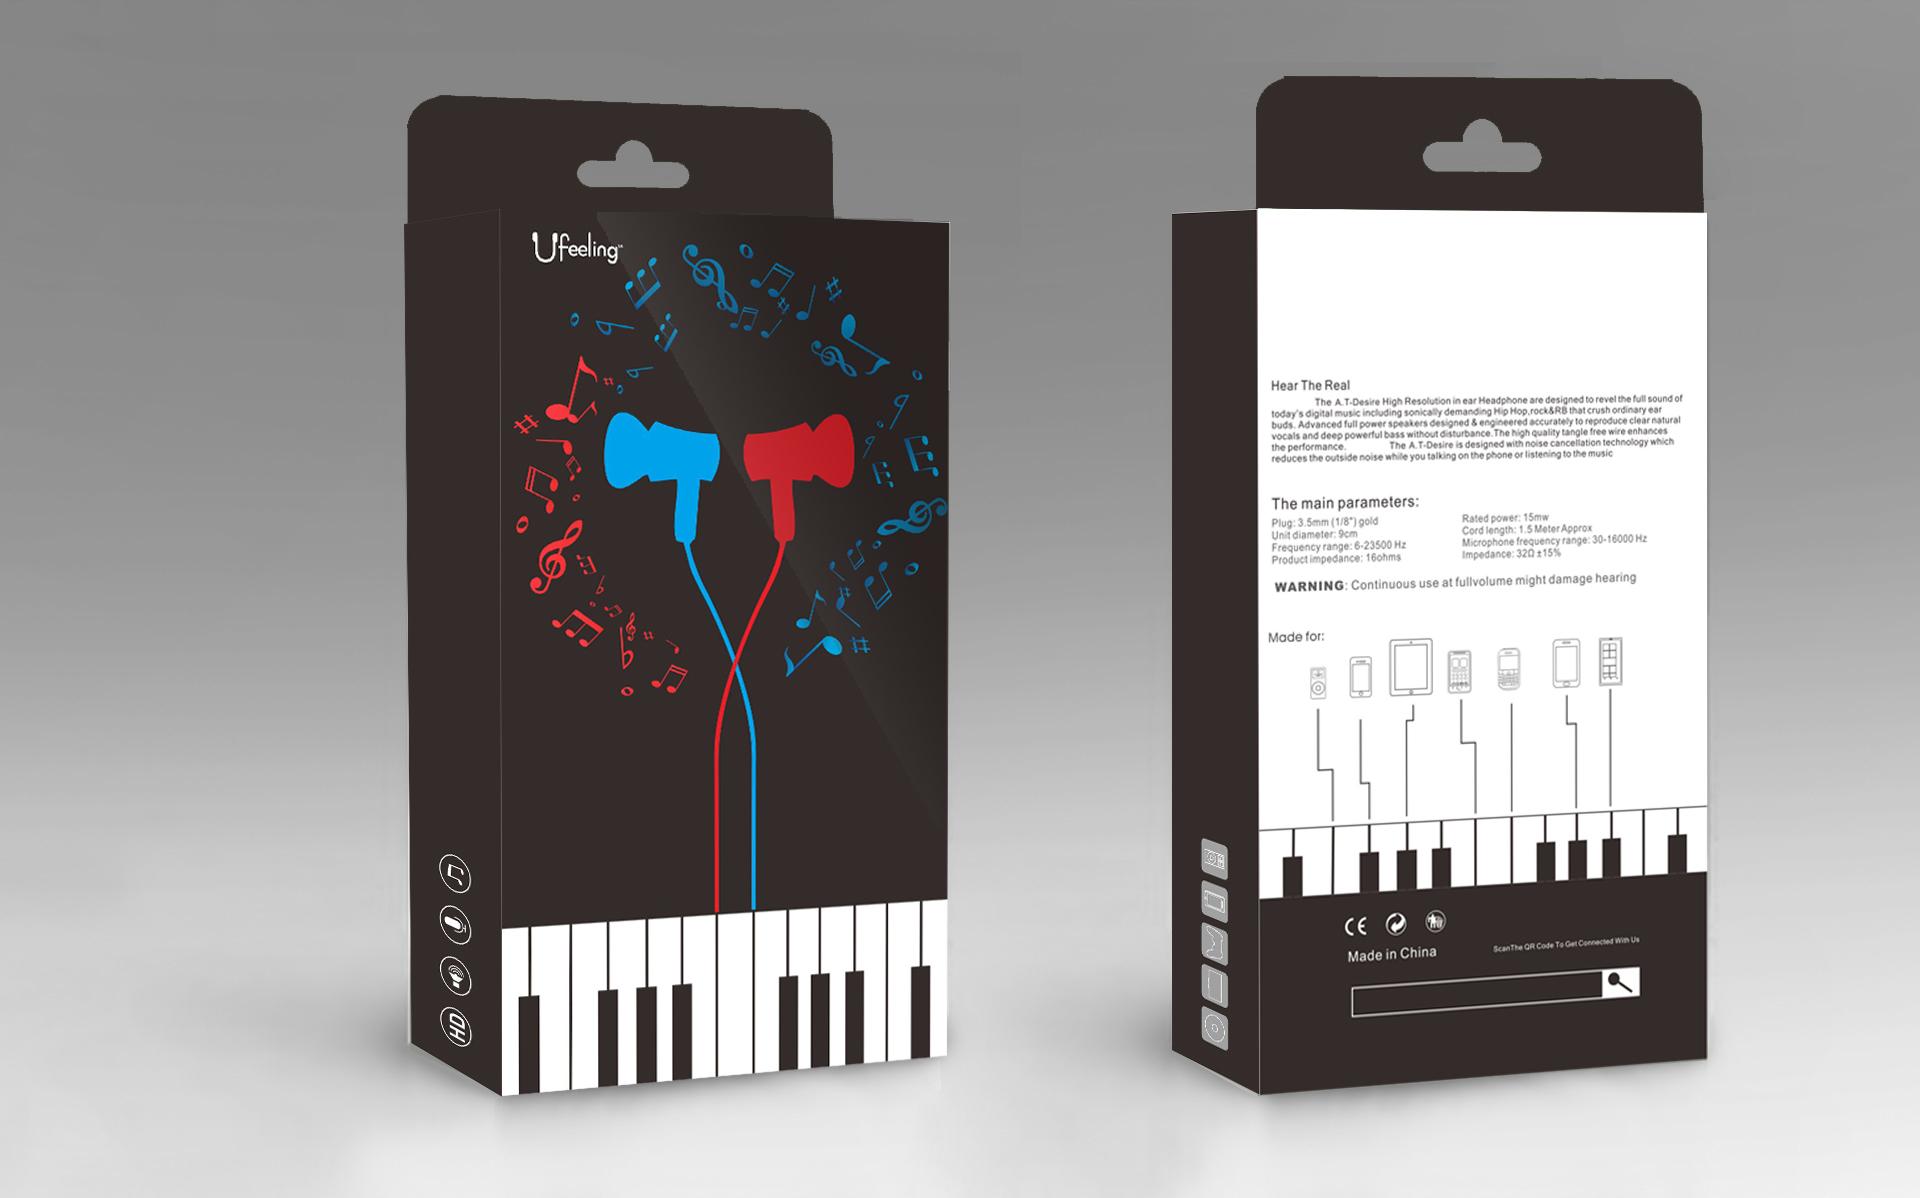 耳机包装设计 展开图分享展示